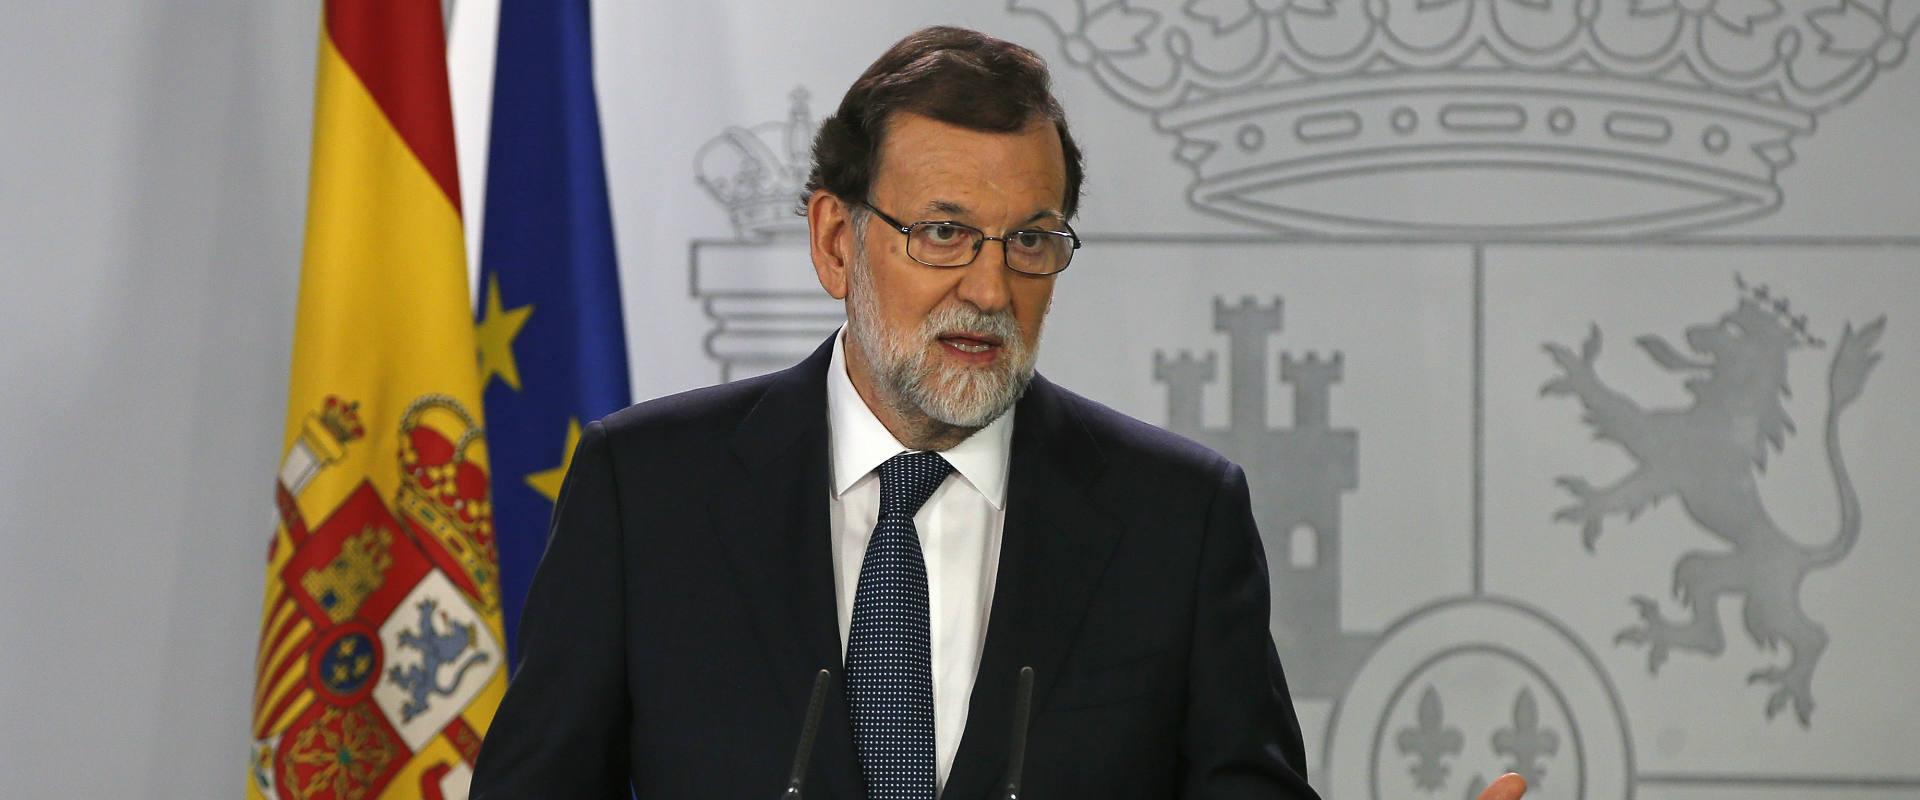 ראש ממשלת ספרד מריאנו ראחוי